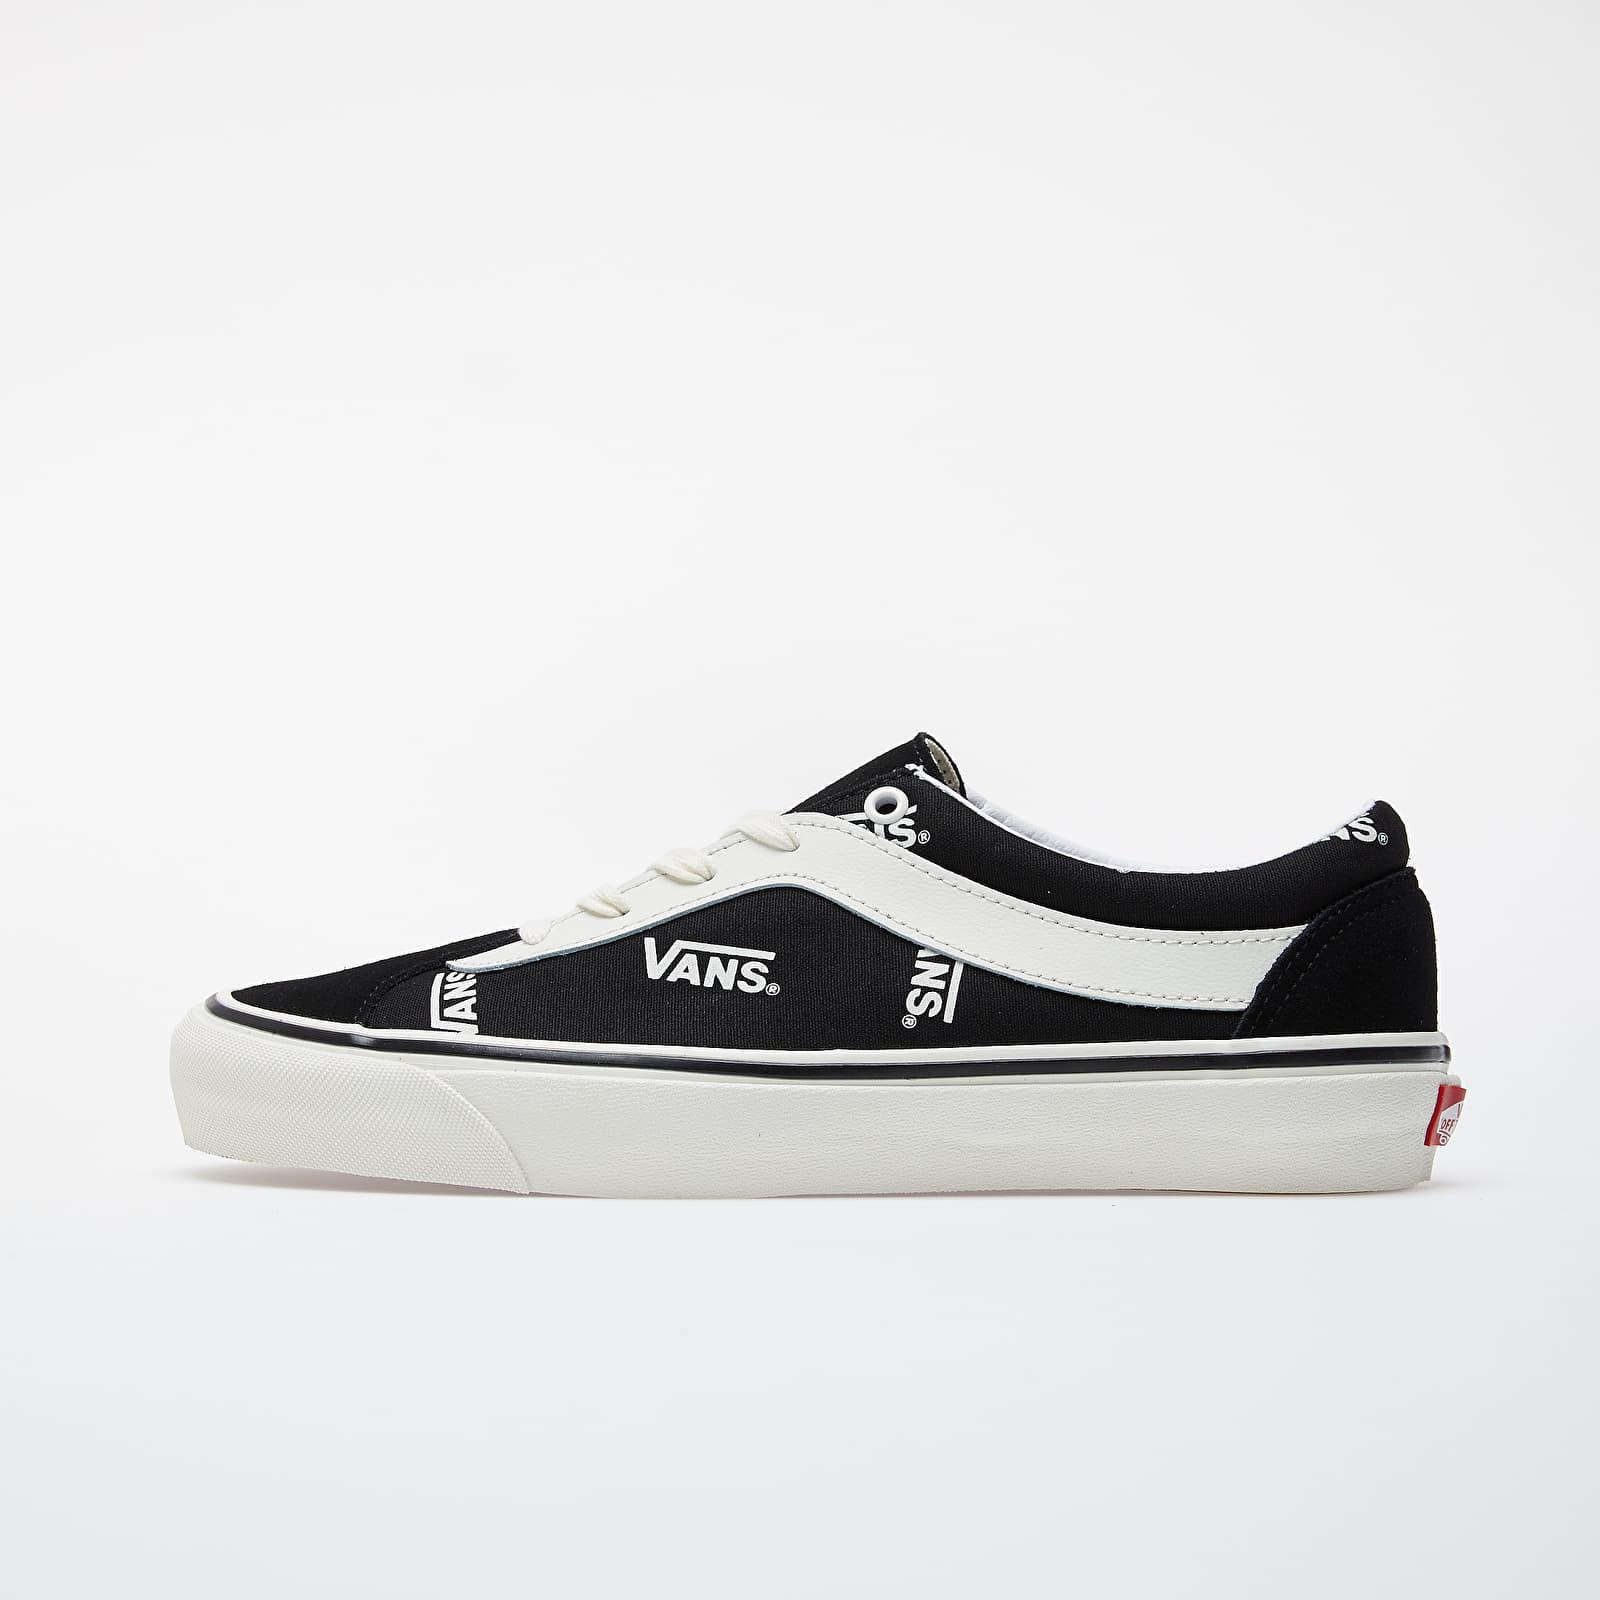 Men's shoes Vans Bold Ni (Vans Block